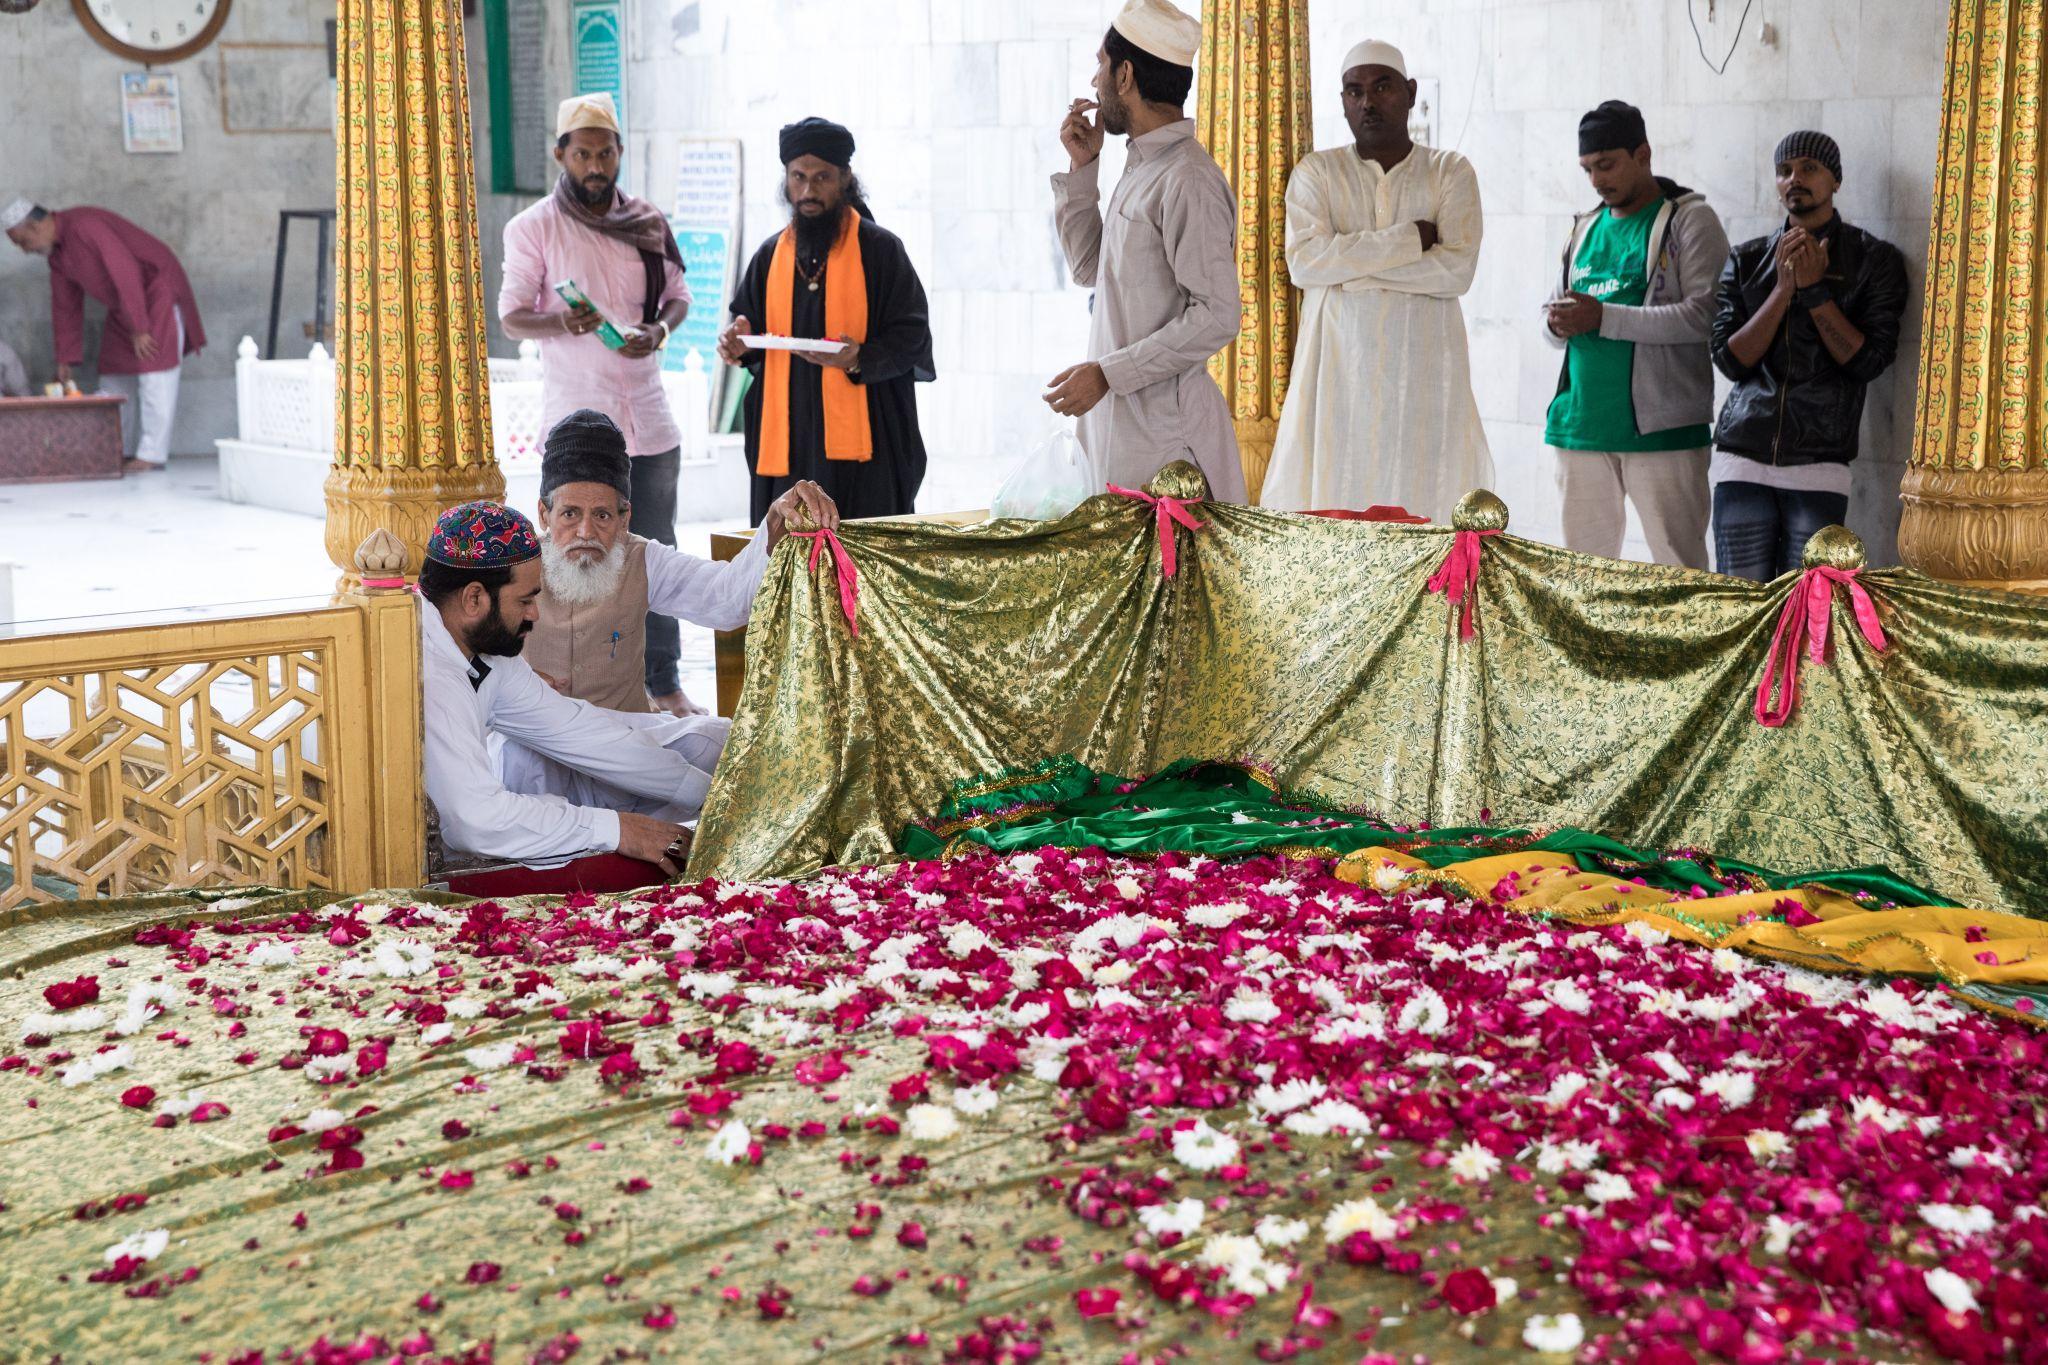 Dargah Qutbuddin Bakhtiyar Kaki, India